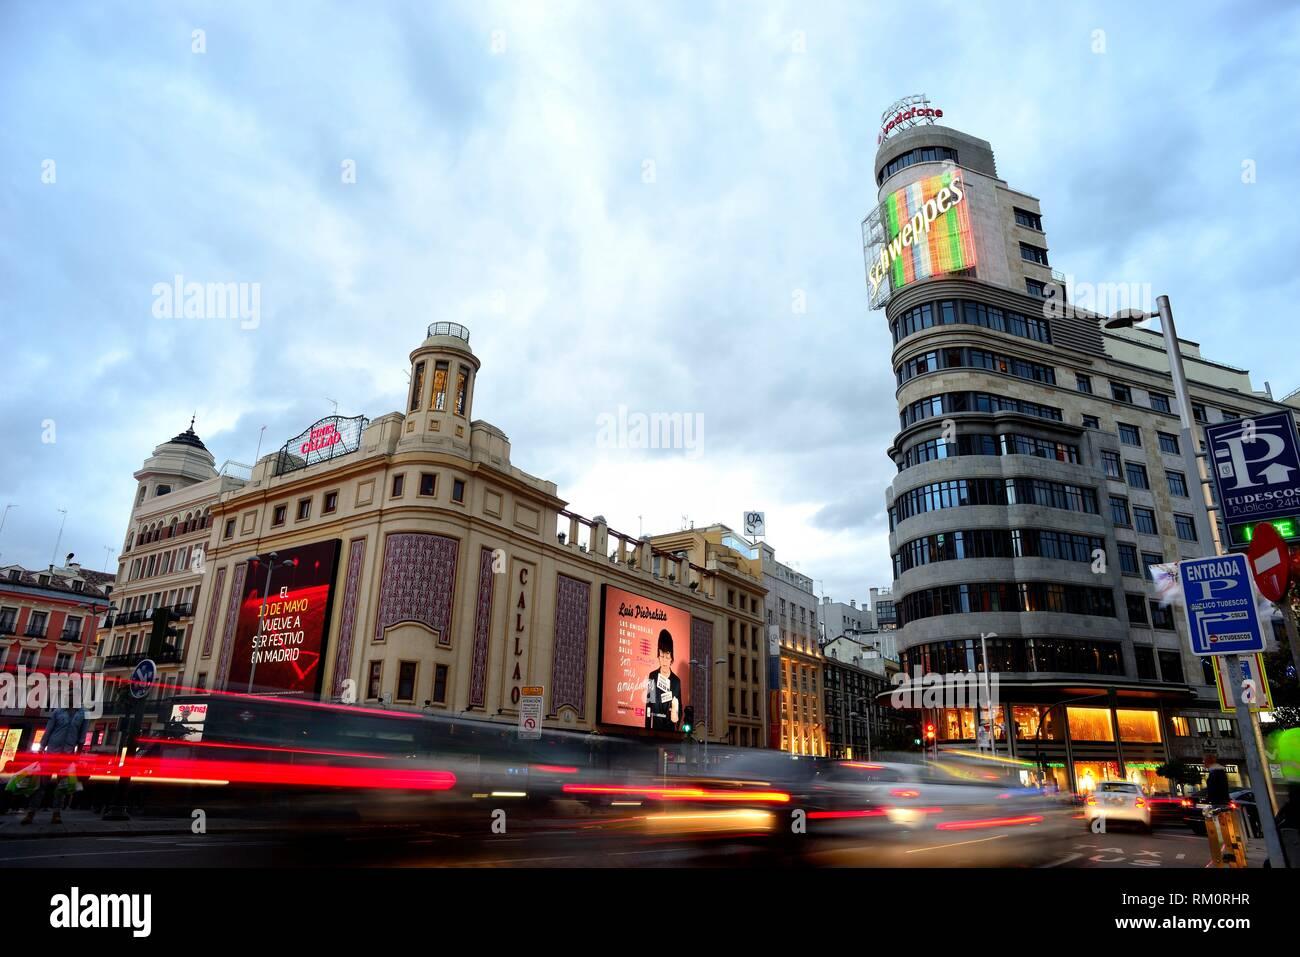 Platz von Callao in der Gran Via, Madrid, Spanien. Stockbild